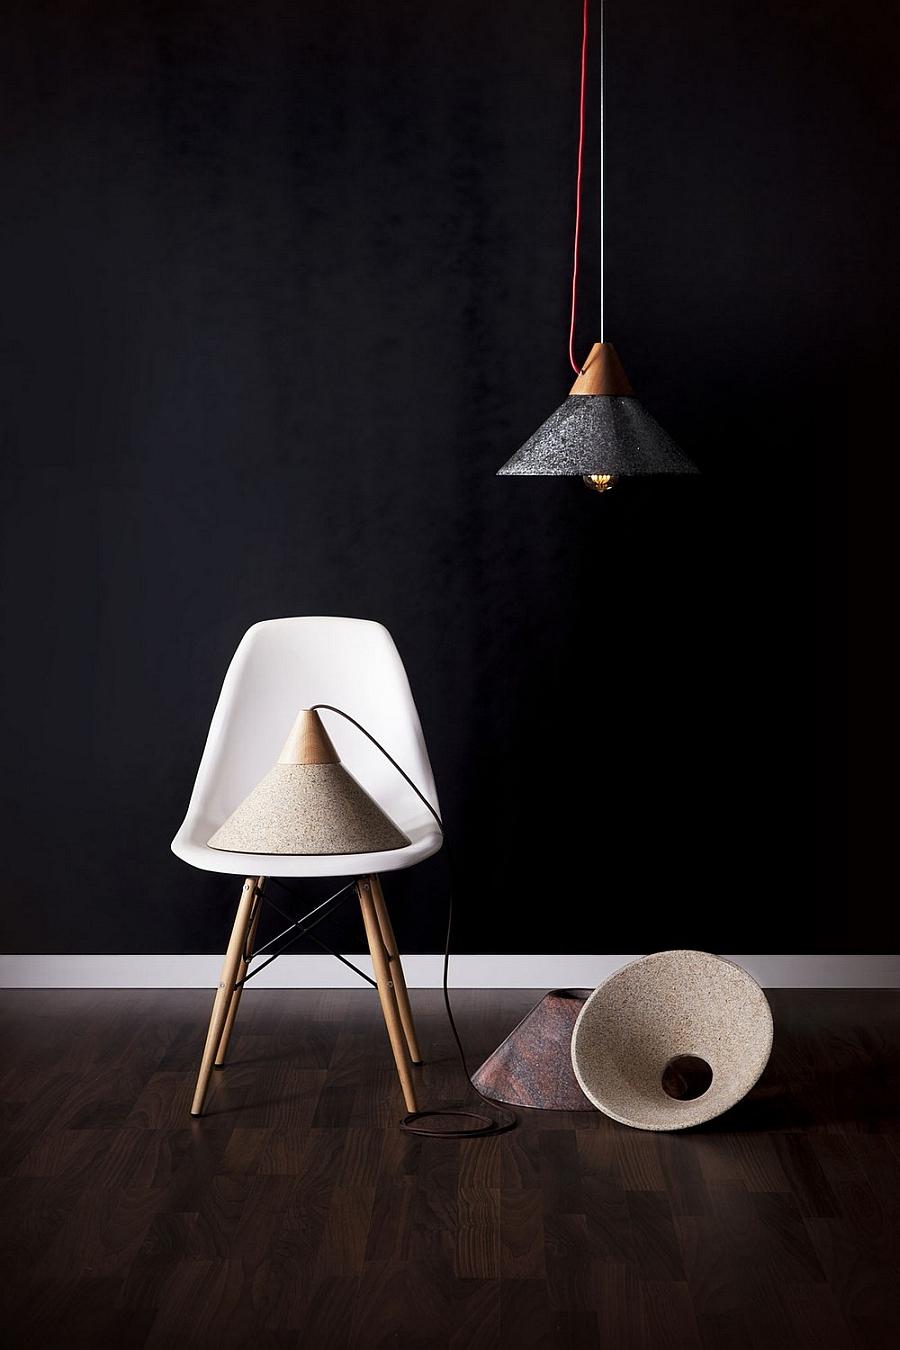 Индустриальный стиль подвесных светильников